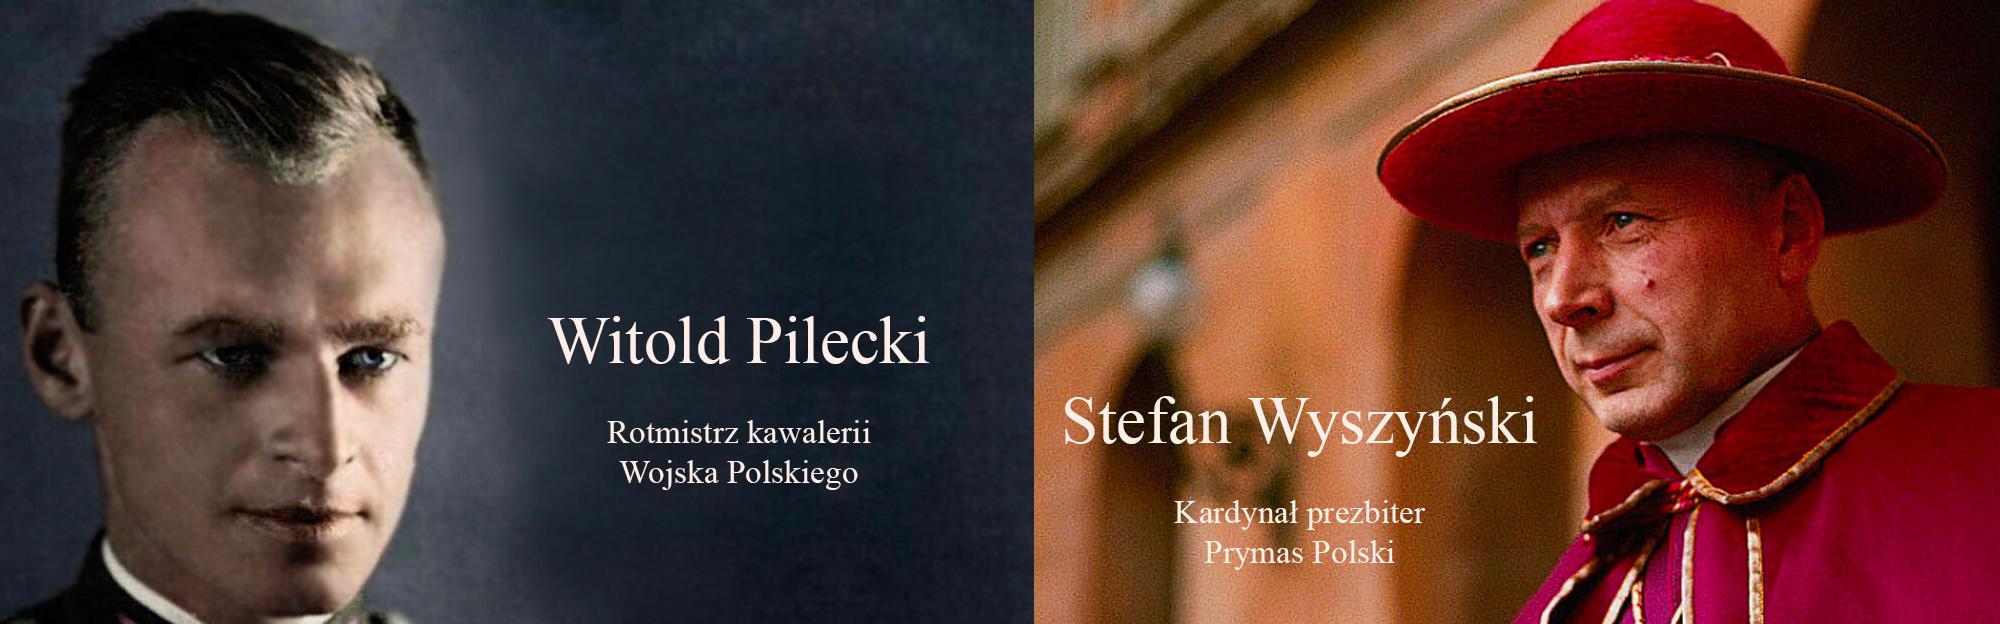 Stefan Wyszyński i Witold Pilecki